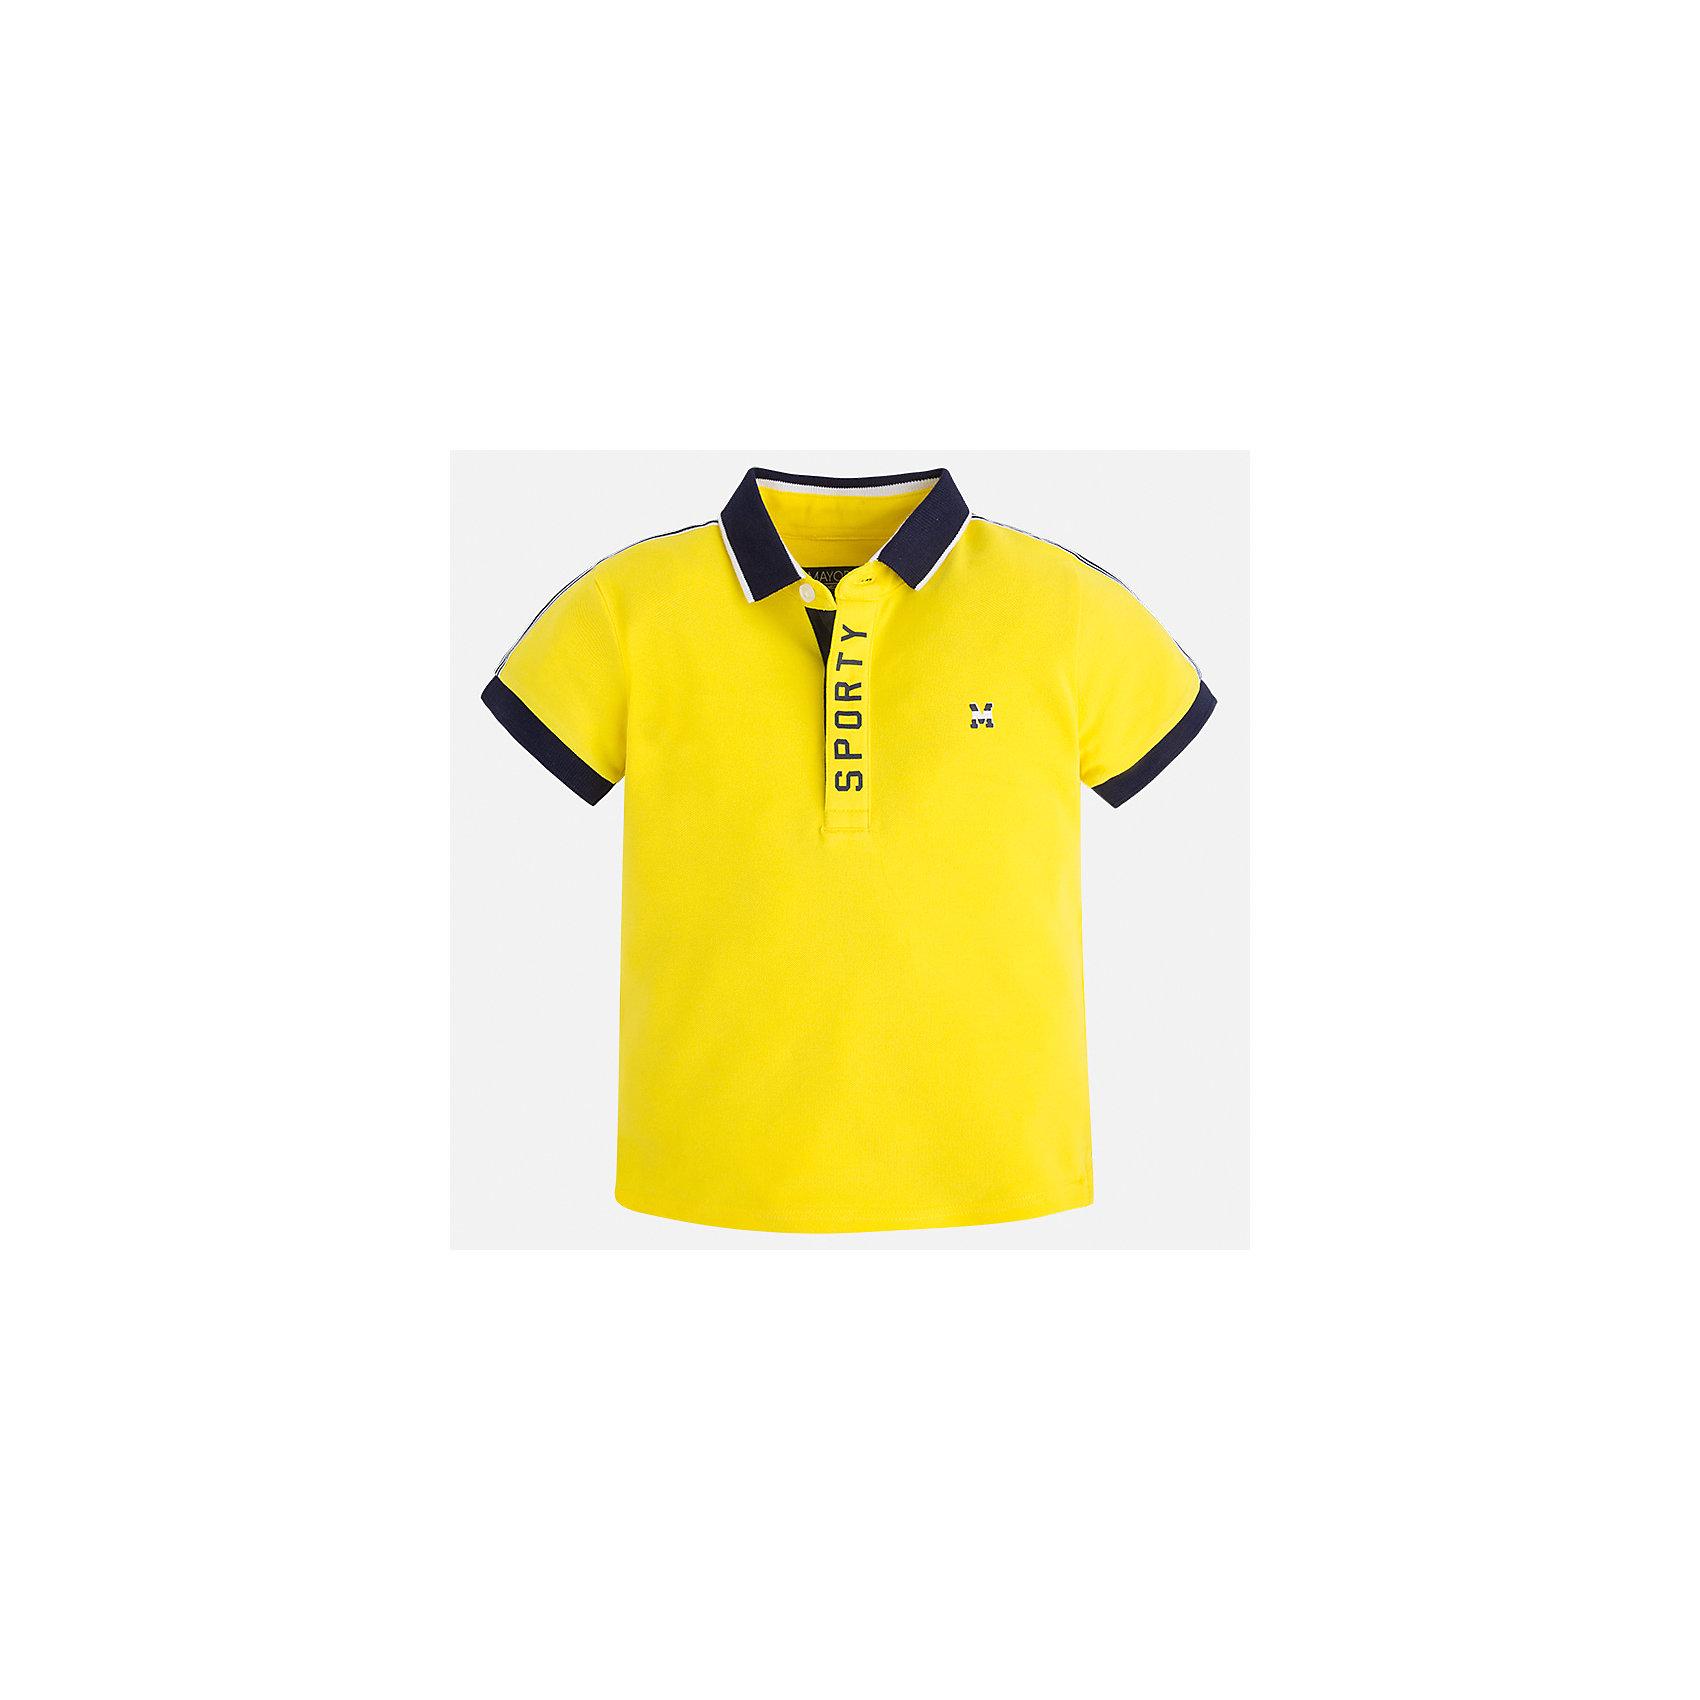 Футболка-поло для мальчика MayoralХарактеристики товара:<br><br>• цвет: желтый<br>• состав: 95% хлопок, 5% эластан<br>• отложной воротник<br>• короткие рукава<br>• застежка: пуговицы<br>• декорирована принтом<br>• страна бренда: Испания<br><br>Стильная футболка-поло для мальчика может стать базовой вещью в гардеробе ребенка. Она отлично сочетается с брюками, шортами, джинсами и т.д. Универсальный крой и цвет позволяет подобрать к вещи низ разных расцветок. Практичное и стильное изделие! В составе материала - натуральный хлопок, гипоаллергенный, приятный на ощупь, дышащий.<br><br>Одежда, обувь и аксессуары от испанского бренда Mayoral полюбились детям и взрослым по всему миру. Модели этой марки - стильные и удобные. Для их производства используются только безопасные, качественные материалы и фурнитура. Порадуйте ребенка модными и красивыми вещами от Mayoral! <br><br>Футболку-поло для мальчика от испанского бренда Mayoral (Майорал) можно купить в нашем интернет-магазине.<br><br>Ширина мм: 230<br>Глубина мм: 40<br>Высота мм: 220<br>Вес г: 250<br>Цвет: желтый<br>Возраст от месяцев: 84<br>Возраст до месяцев: 96<br>Пол: Мужской<br>Возраст: Детский<br>Размер: 128,134,110,104,98,92,116,122<br>SKU: 5272045